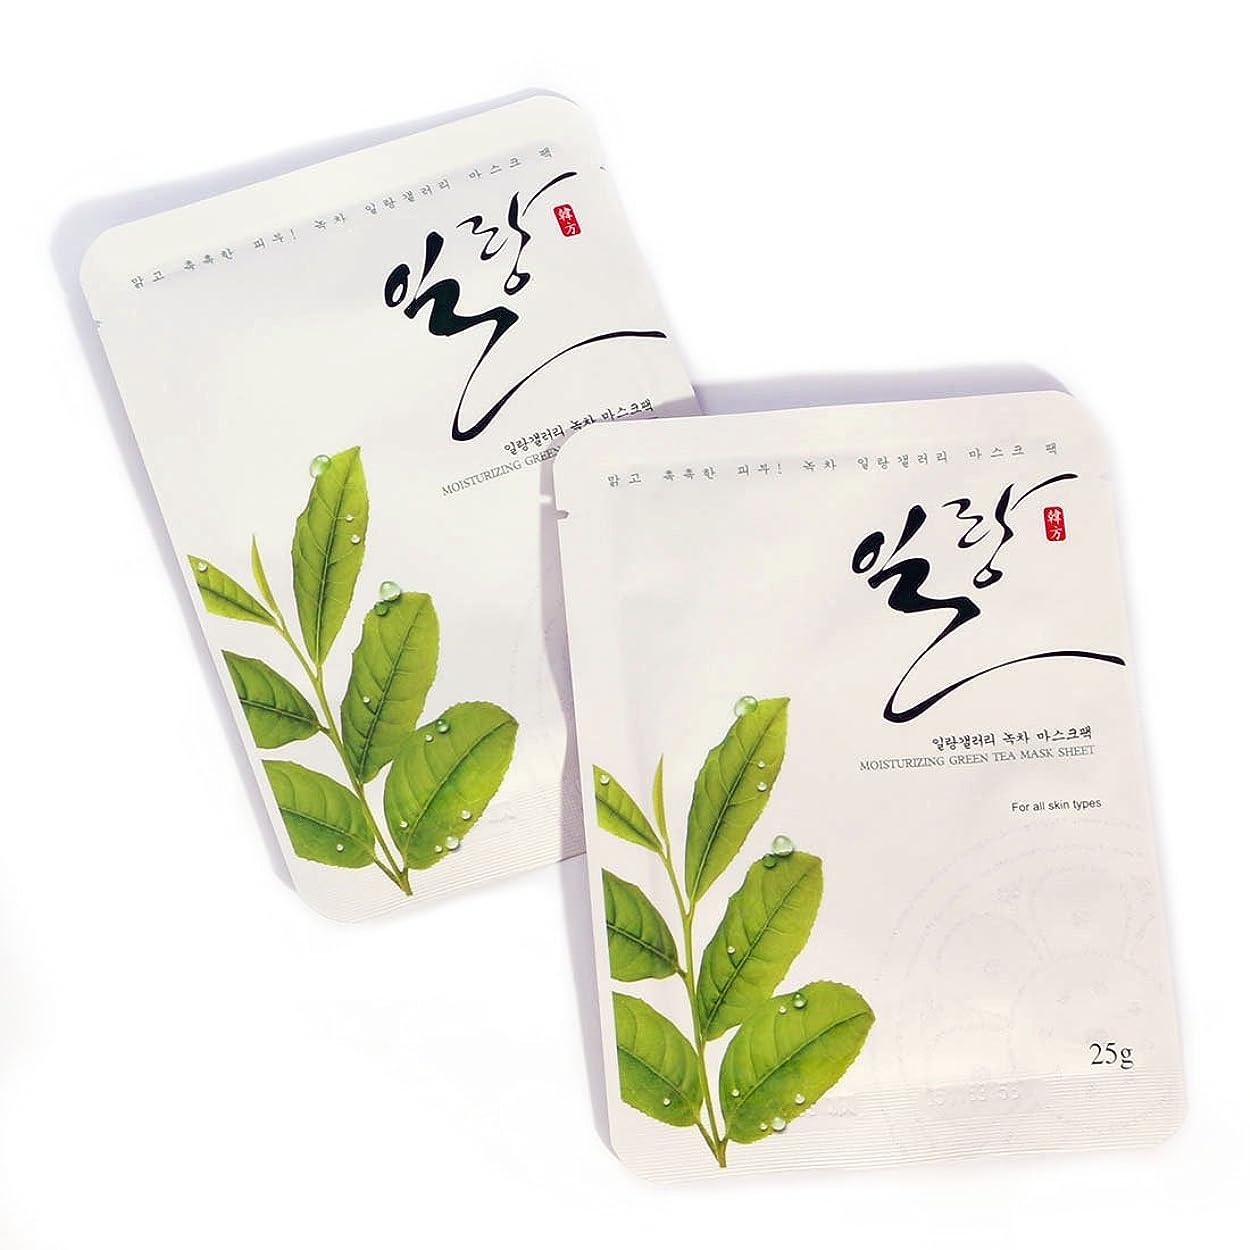 作家風変わりな表面Ylang 韓国 伝統的な コラーゲン エッセンス フル 面 フェイシャル マスク 紙 シート - 25mlパック14個 - 緑茶 [並行輸入品]